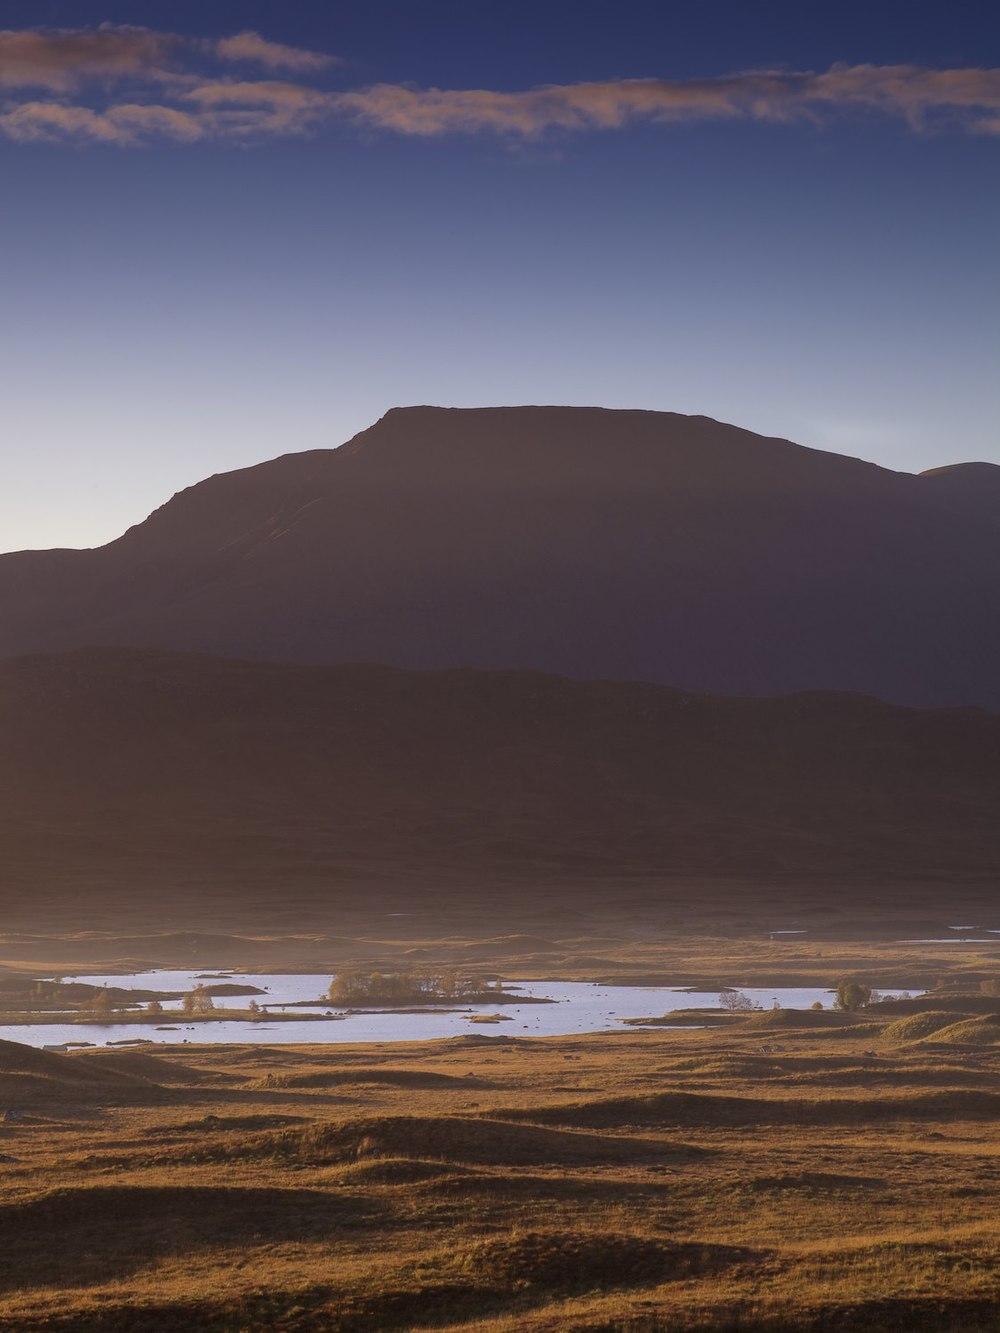 Sidelight on Rannoch Moor